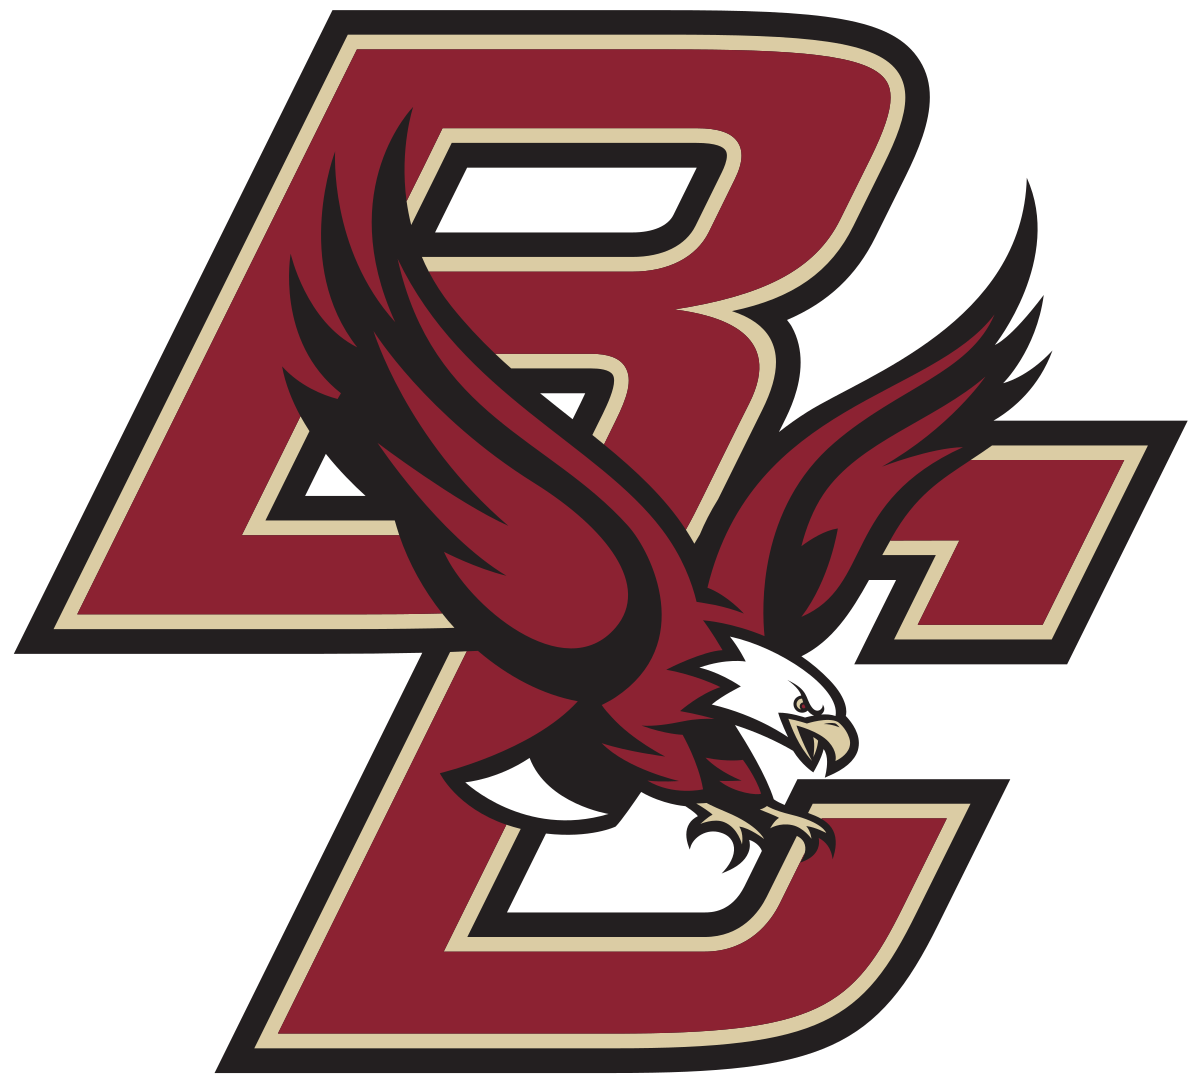 1200px-Boston_College_Eagles_logo.svg